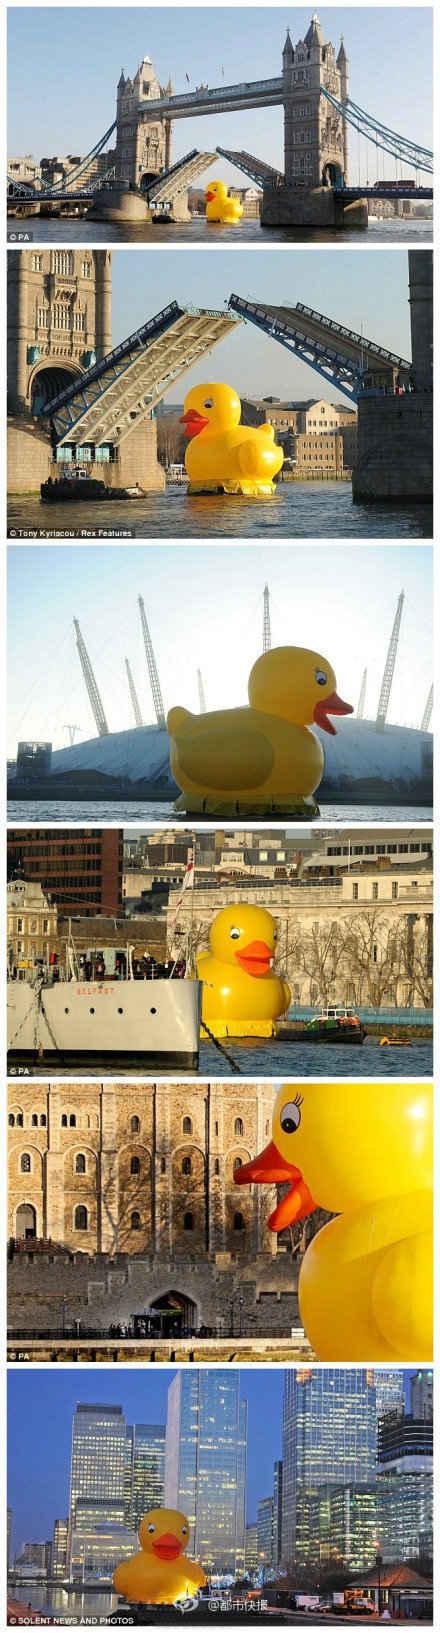 【门前大桥下,游过一只鸭】当地时间11日早,英国泰晤士河上惊现一只高达50英尺(约15米),重约半吨的巨型浴盆橡皮鸭!伦敦塔桥甚至为它折起!这只大鸭子由8个人花了800多个小时制作,目的只是为了让英国人笑一笑!因为英国的成年人现在平均每天笑7.2次,而心理学家建议每天应该发笑15次.